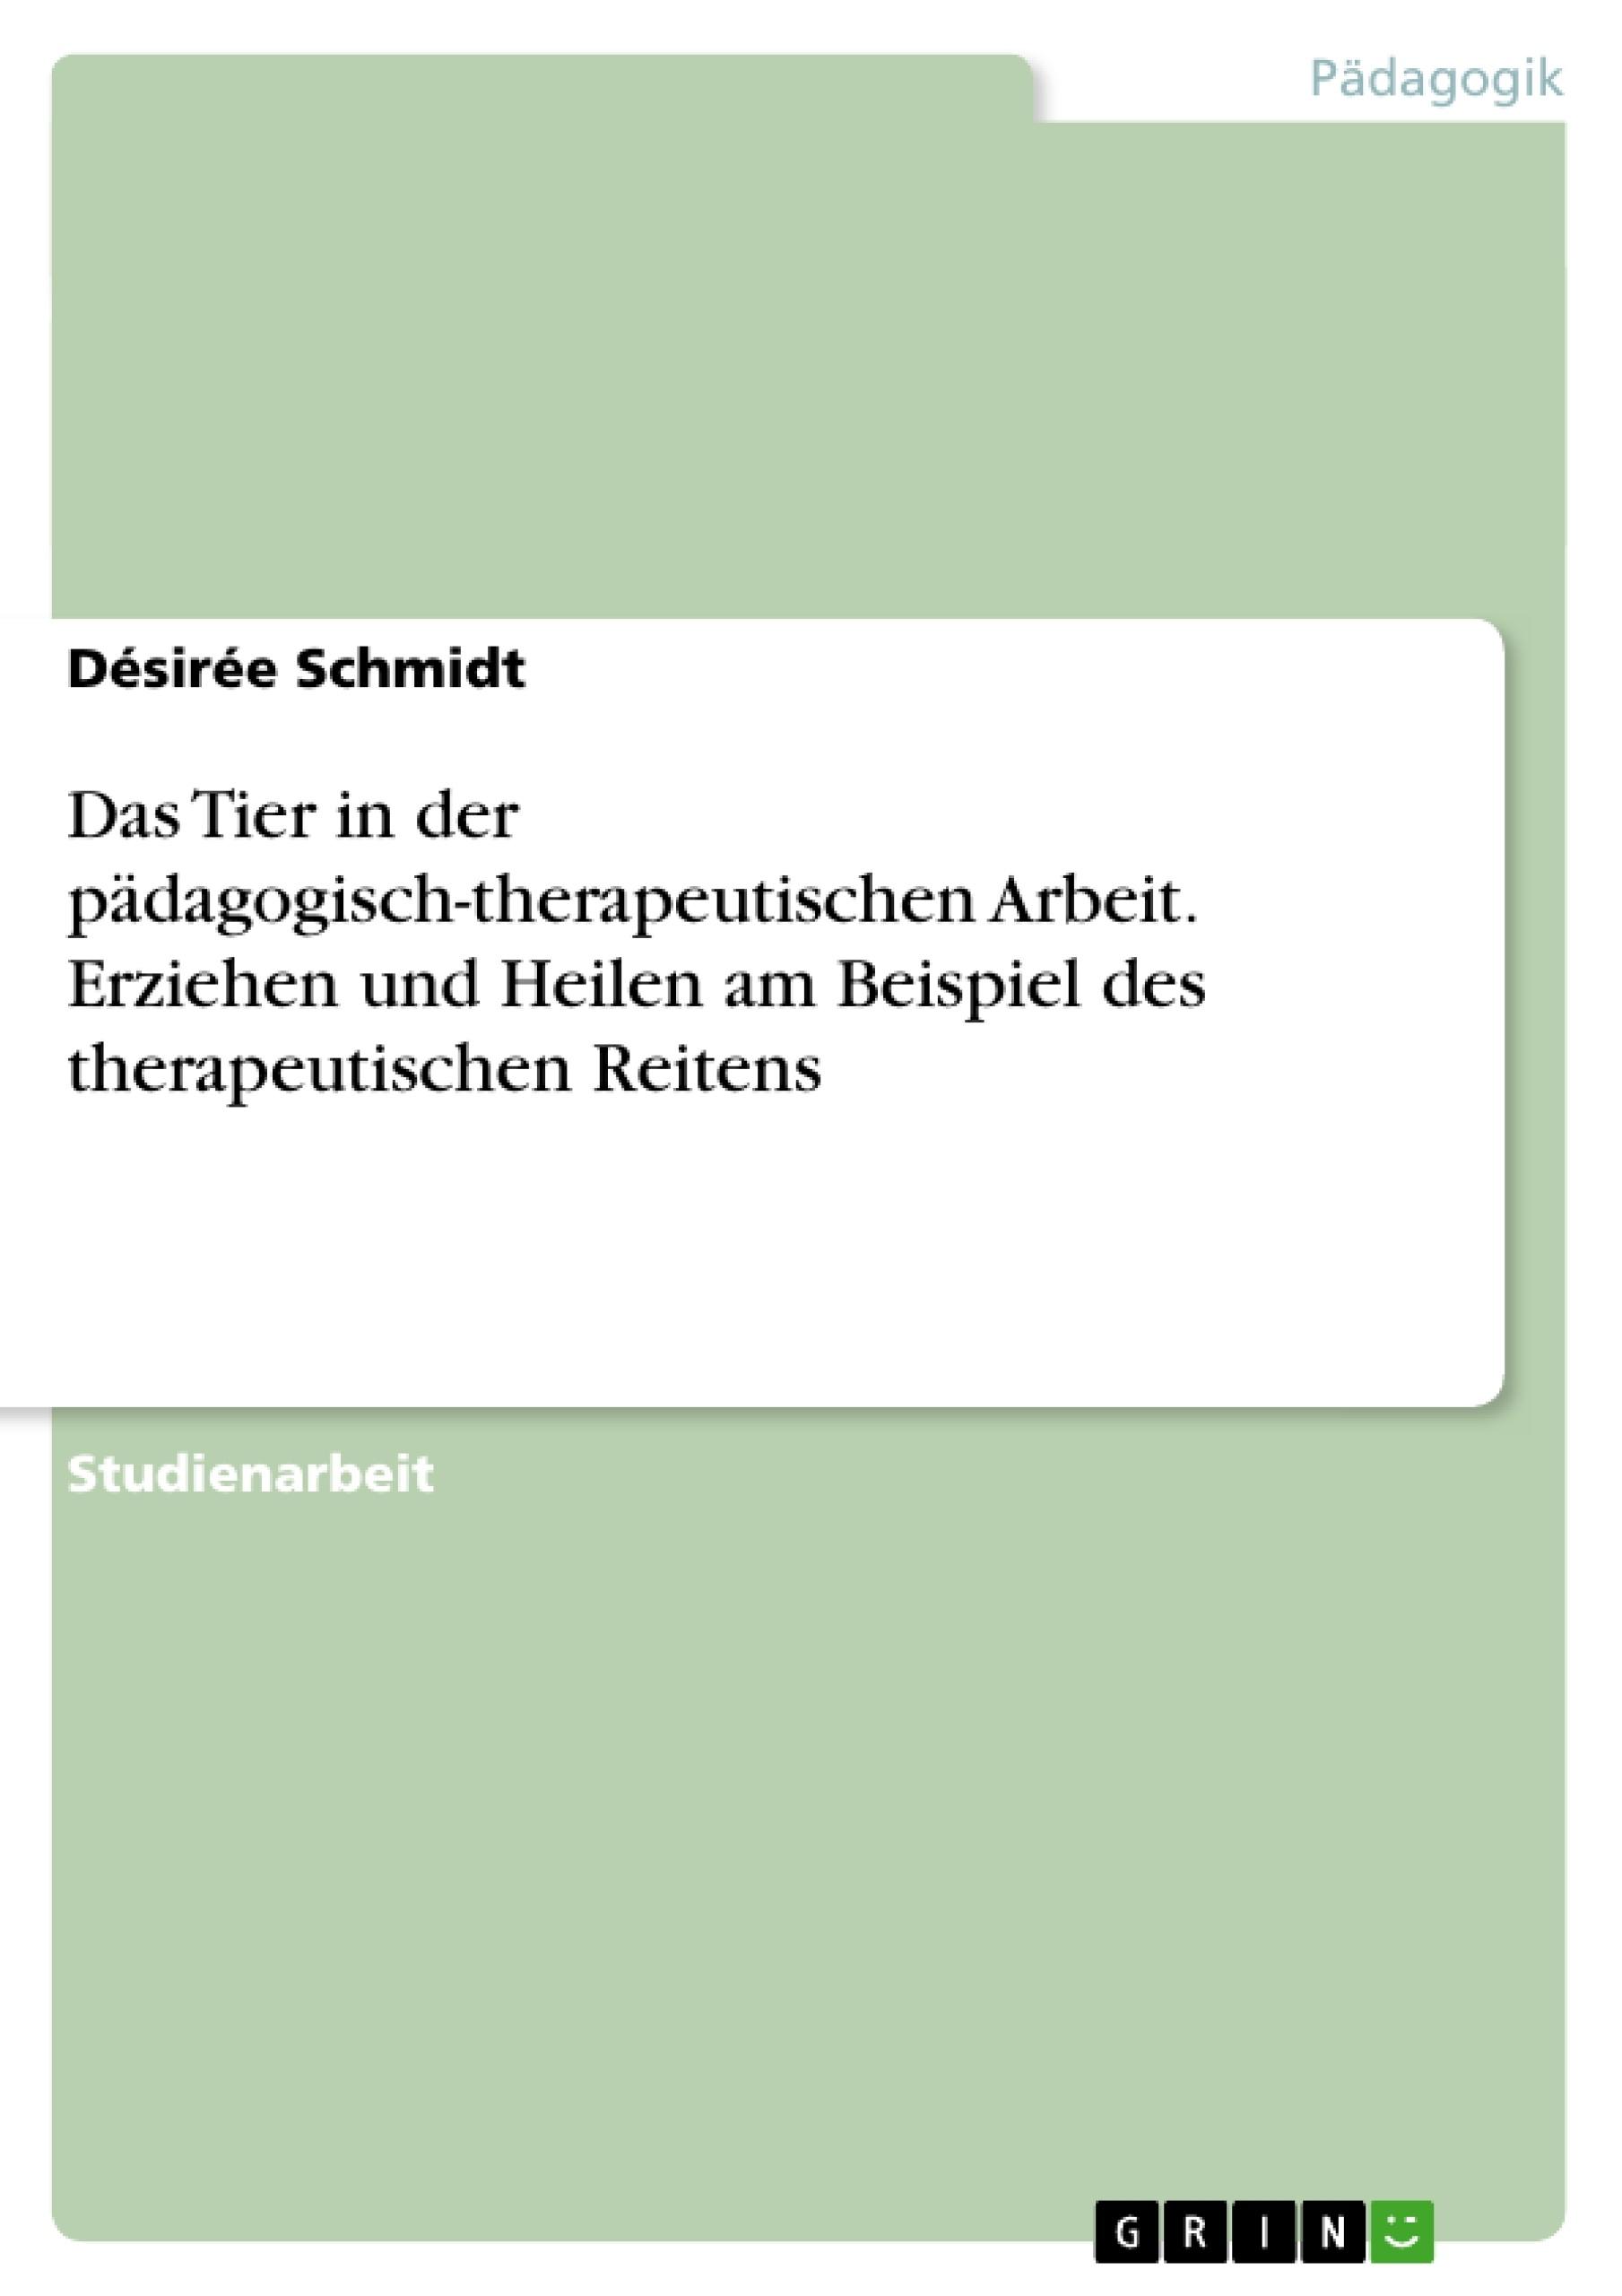 Titel: Das Tier in der pädagogisch-therapeutischen Arbeit. Erziehen und Heilen am Beispiel des therapeutischen Reitens